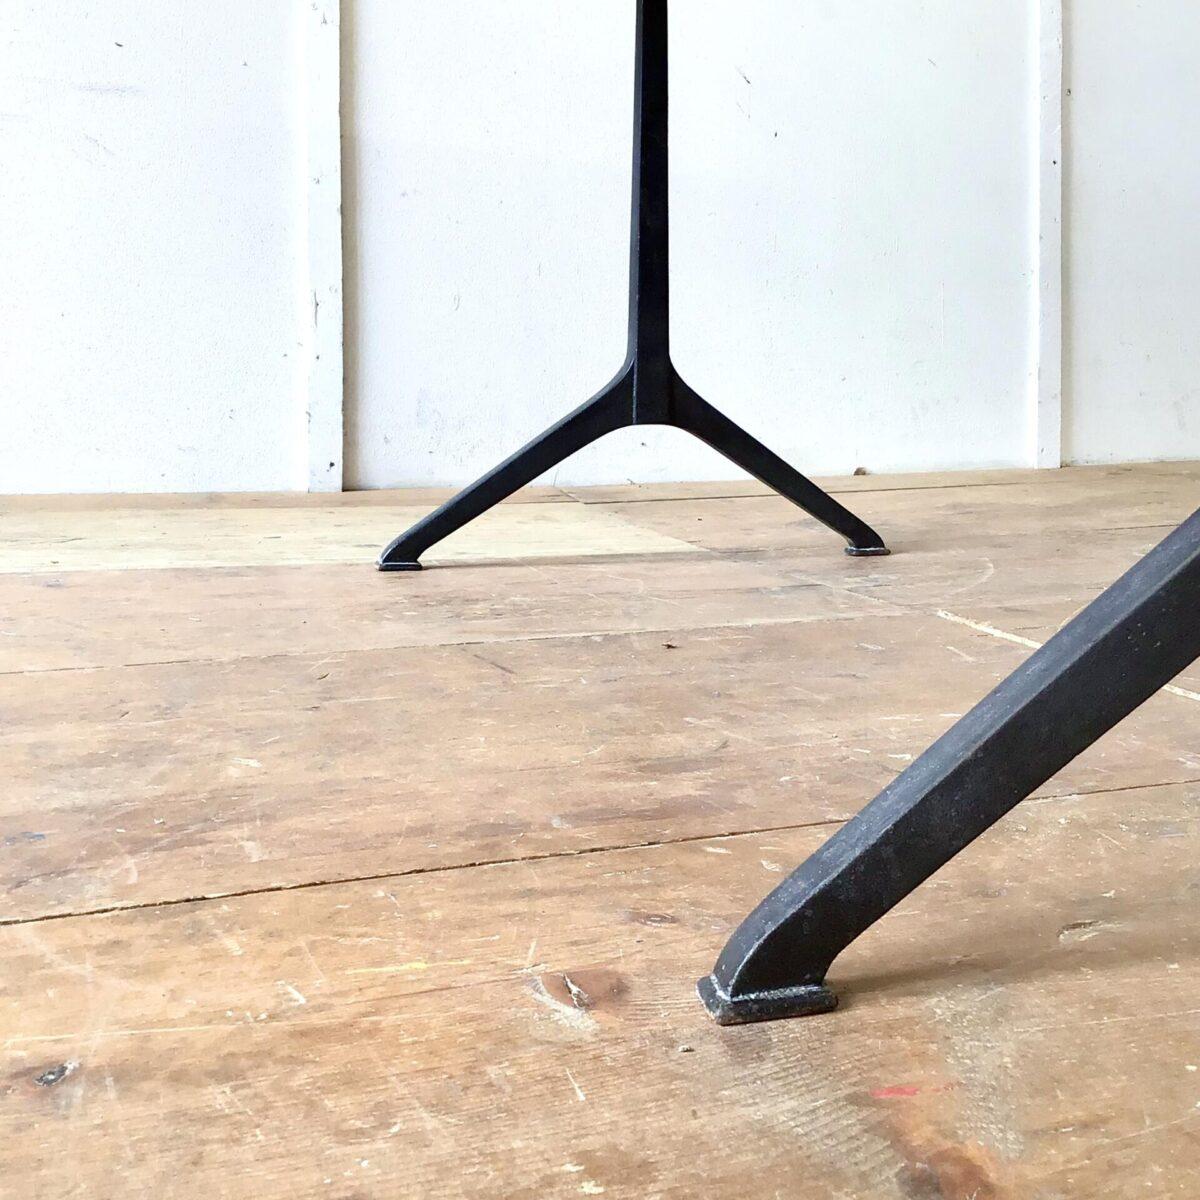 Alter Kirschbaum Wirtshaustisch frisch aufbereitet. 160x80cm Höhe 75cm. Das lebhafte rötliche Tischblatt ist mit Naturöl behandelt. Die klassische Profilkante ist optisch, und für die Unterarme angenehm. Die Gussfüsse zeichnen sich durch ihre klare schnörkellose Form aus. Und sind nochmal etwas schlanker als die vergleichbaren Modelle von horgenglarus.